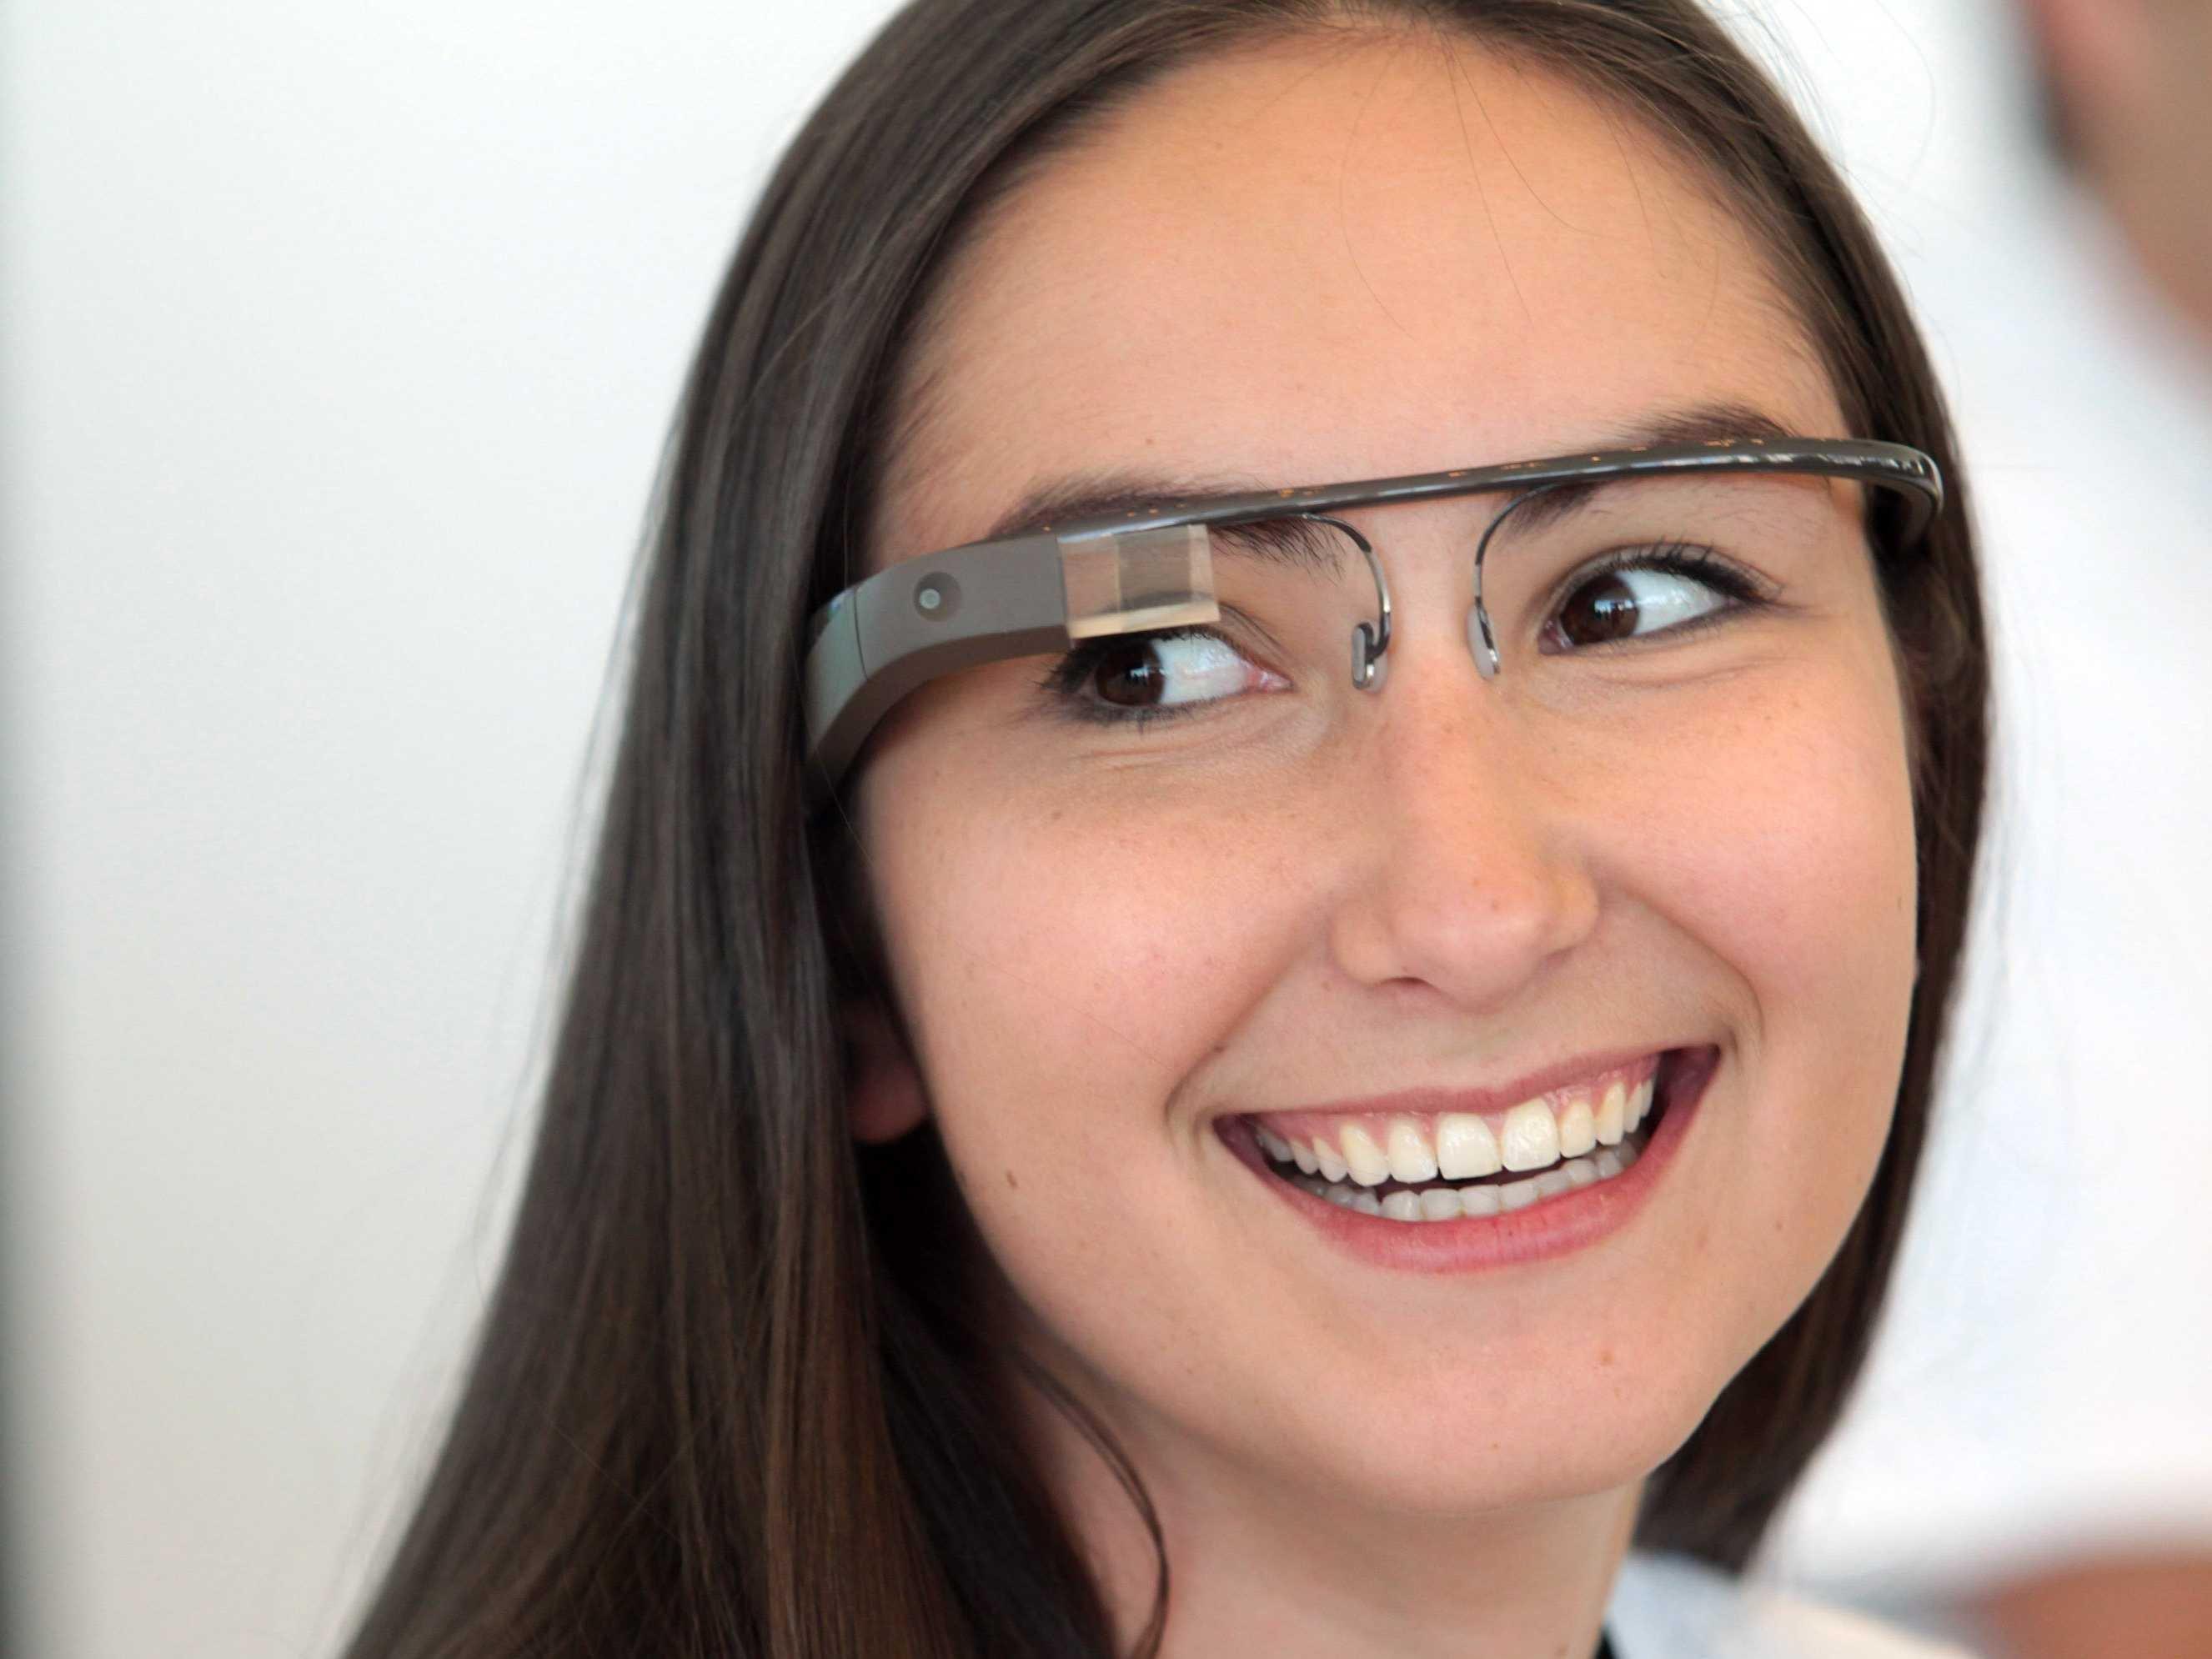 Nova oblika za večpredstavnostna očala Google Glass